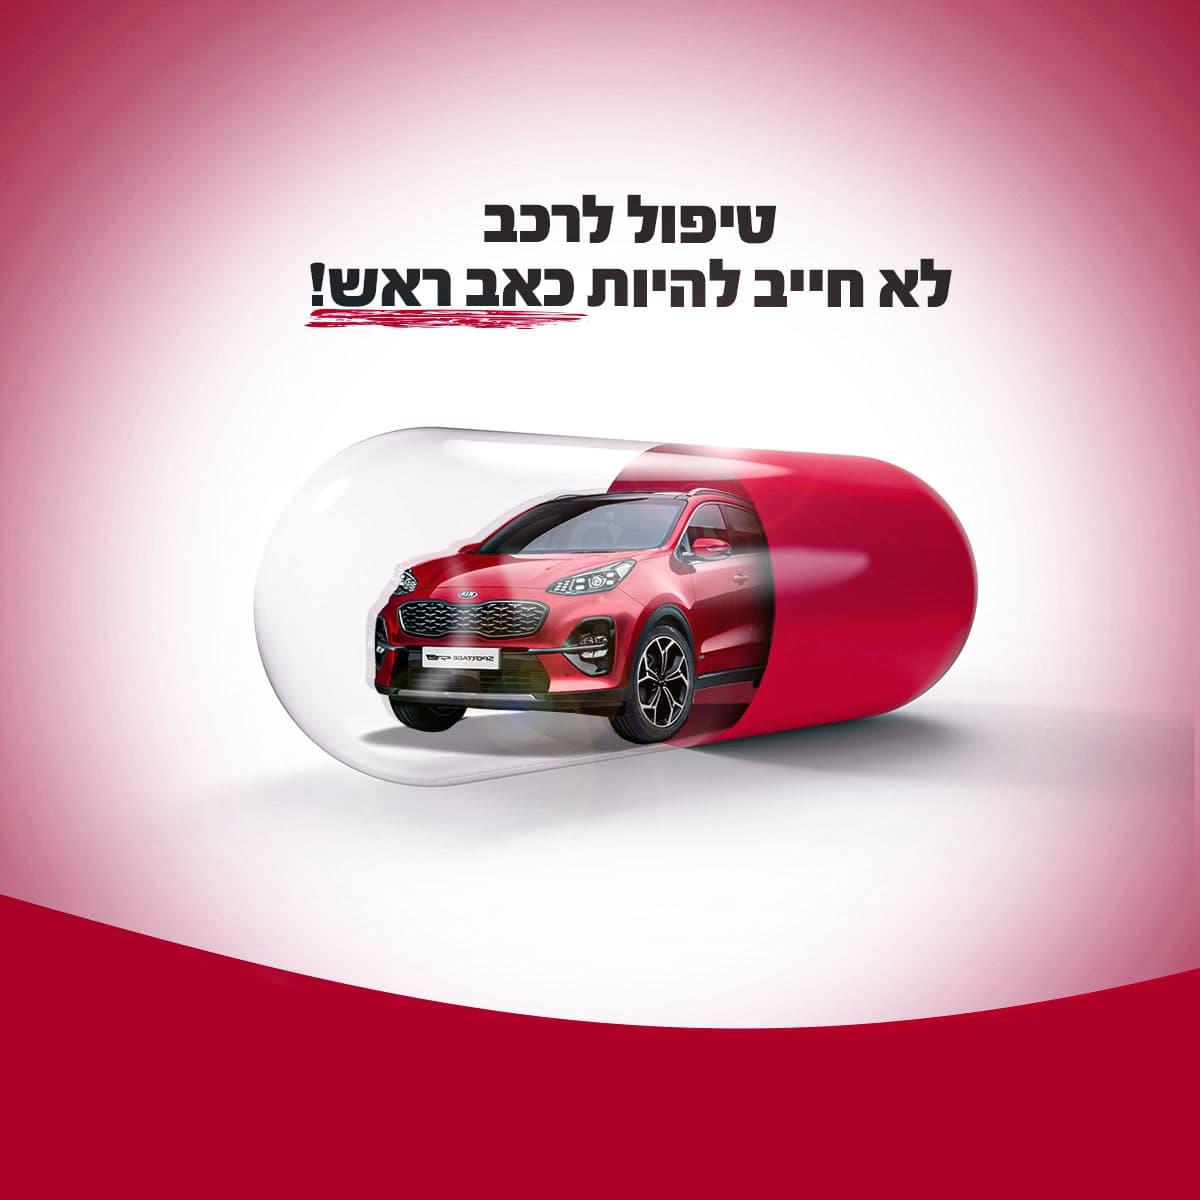 מוסך בקרית ביאליק | קיה חיפה | מרכז שירות מורשה